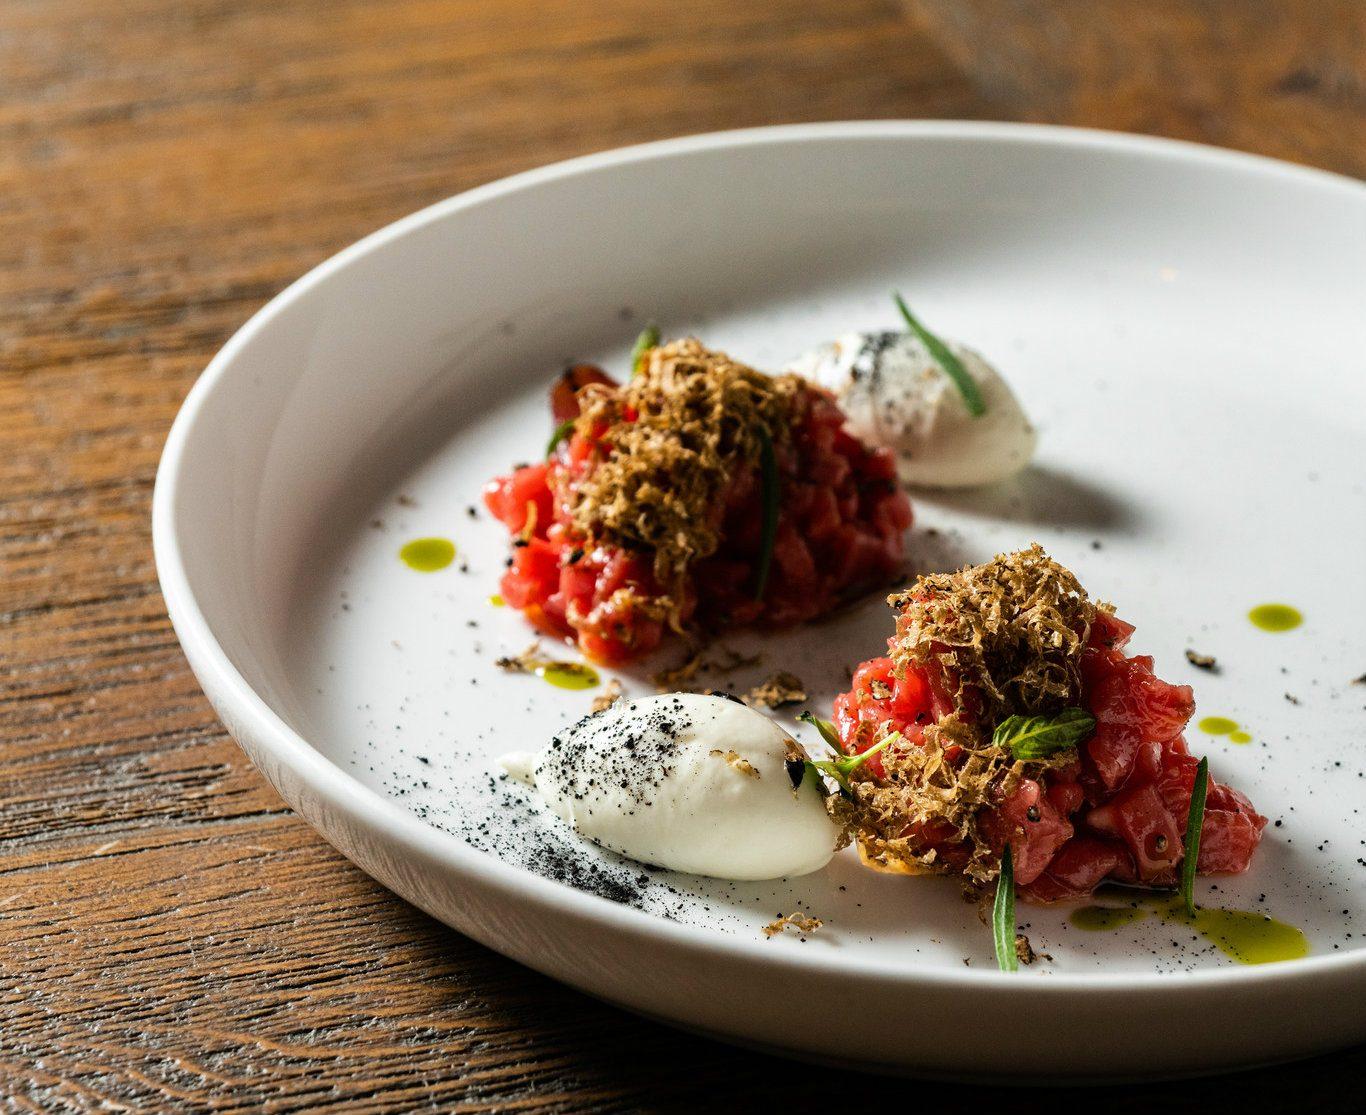 Natale 2019 in città: i migliori ristoranti aperti per le feste